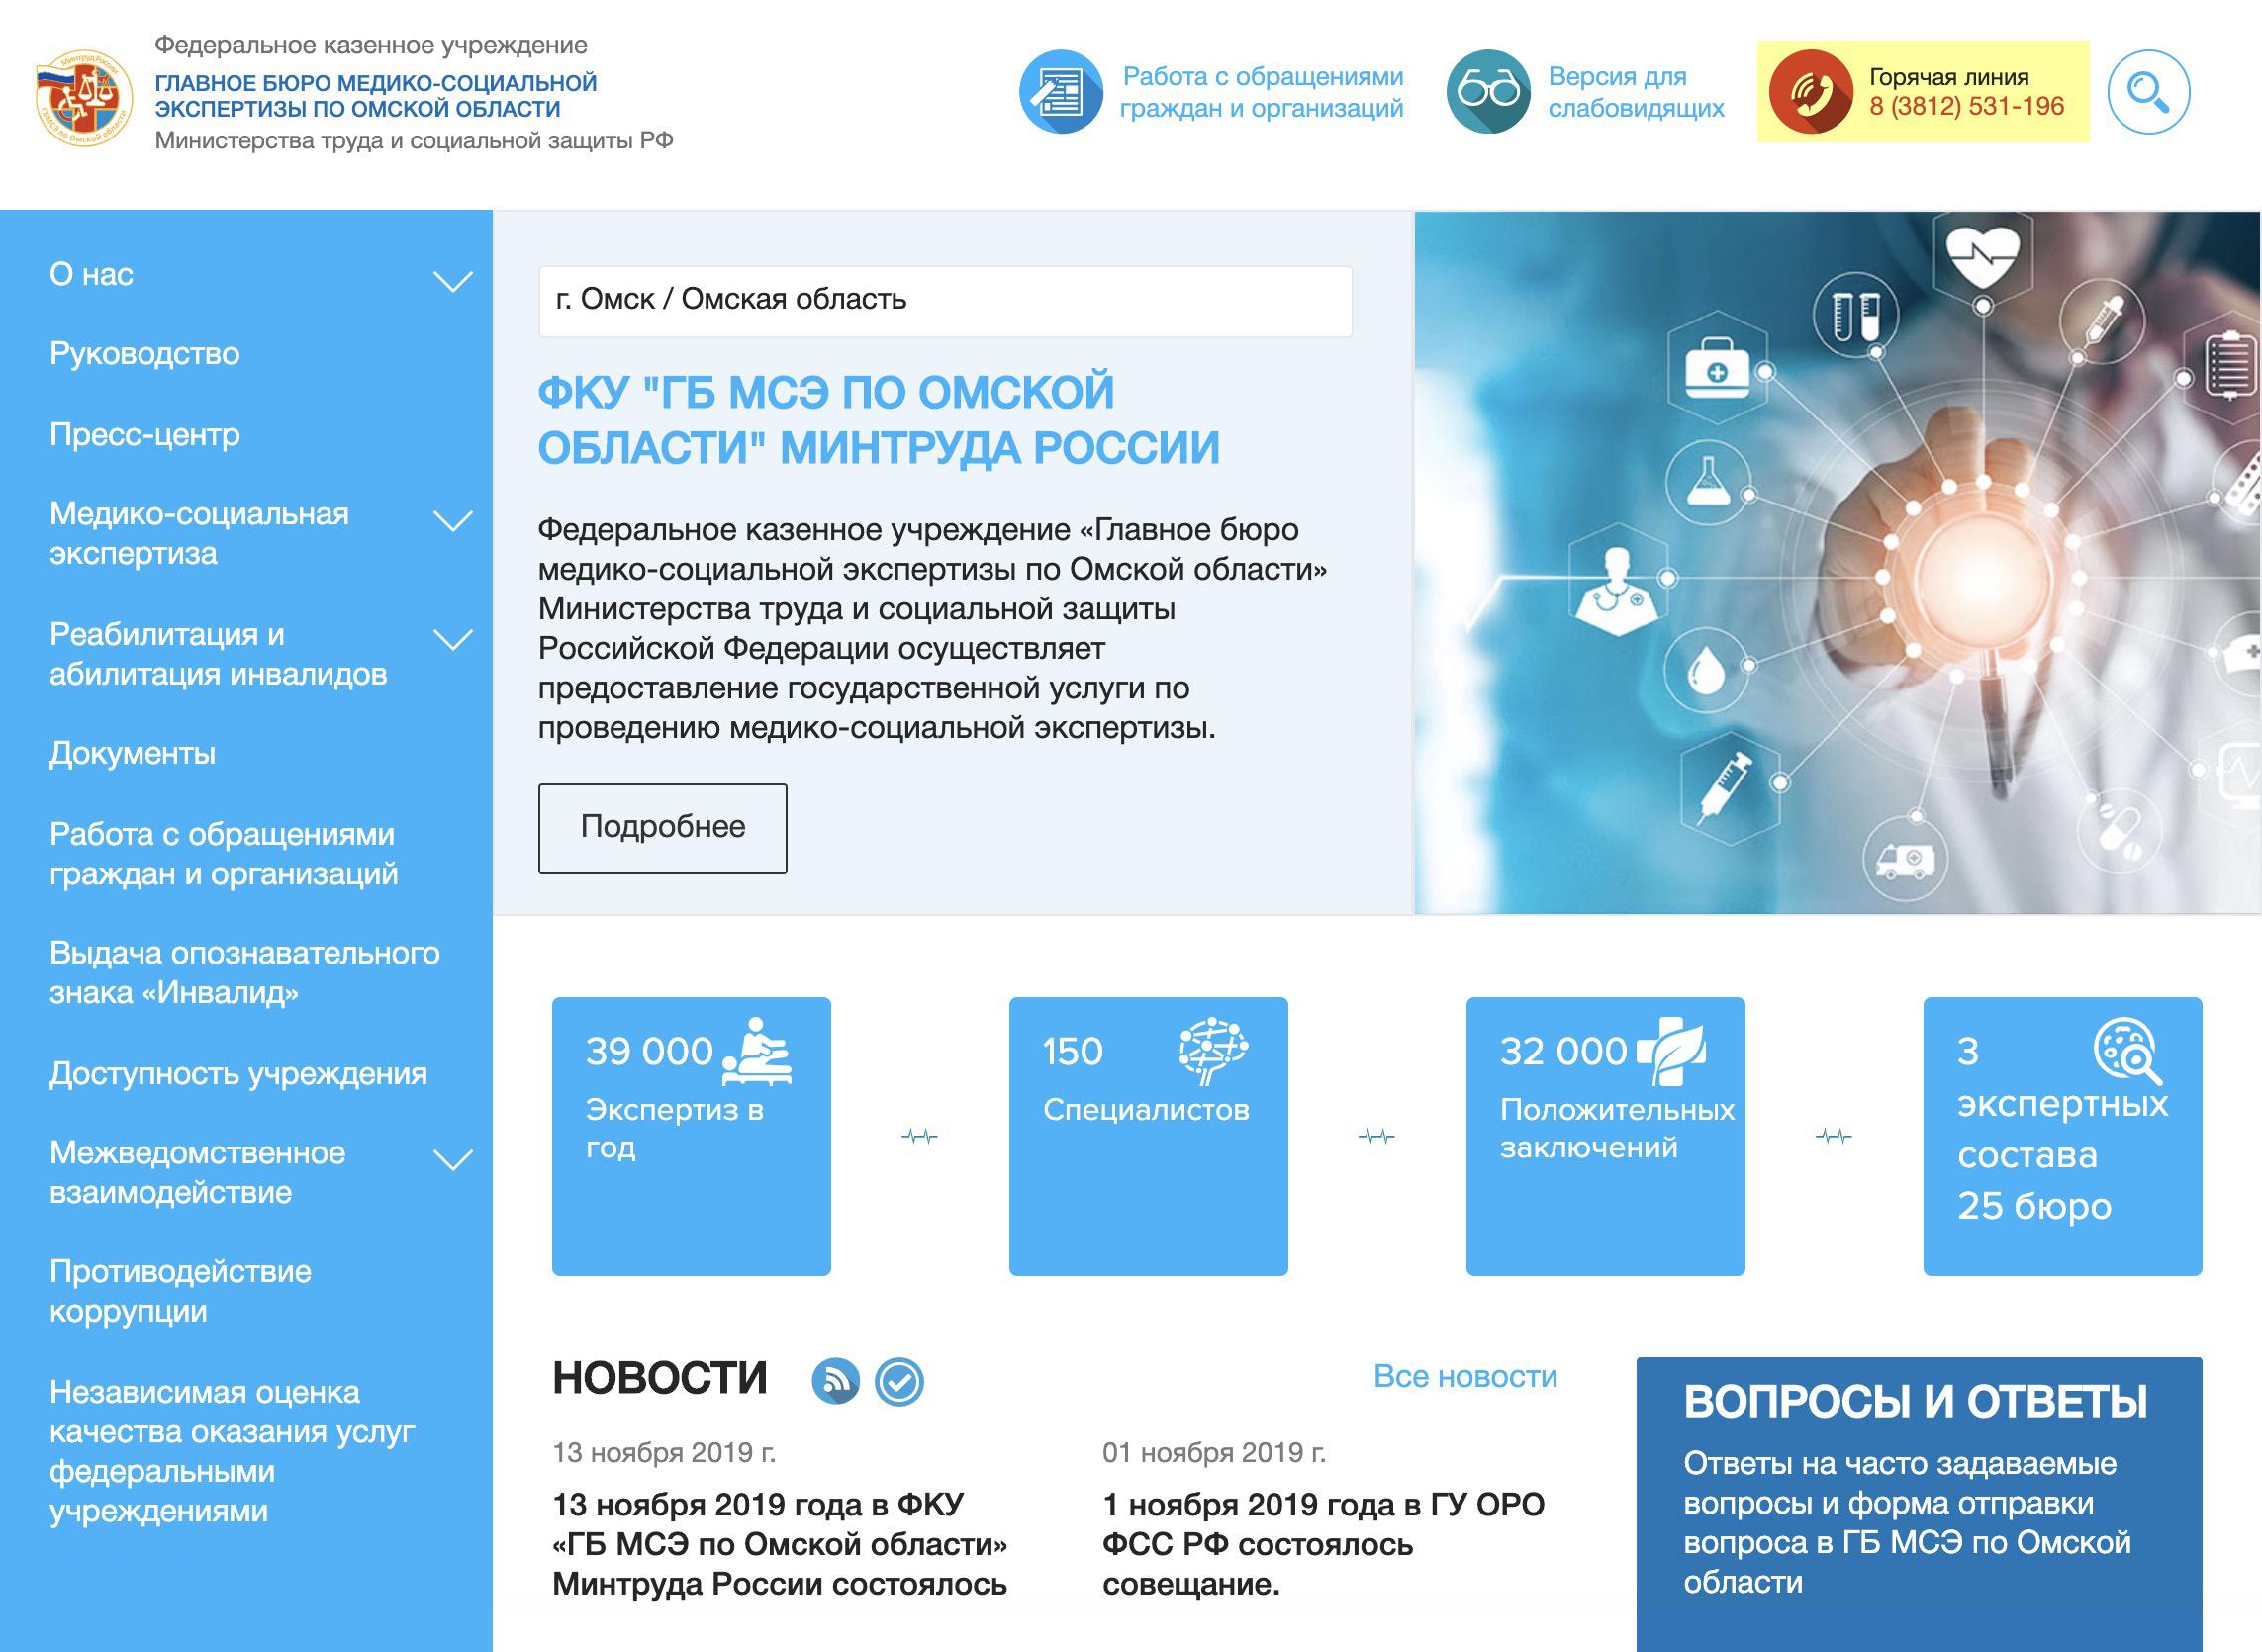 В главном бюро МСЭ по Омской области работает горячая линия